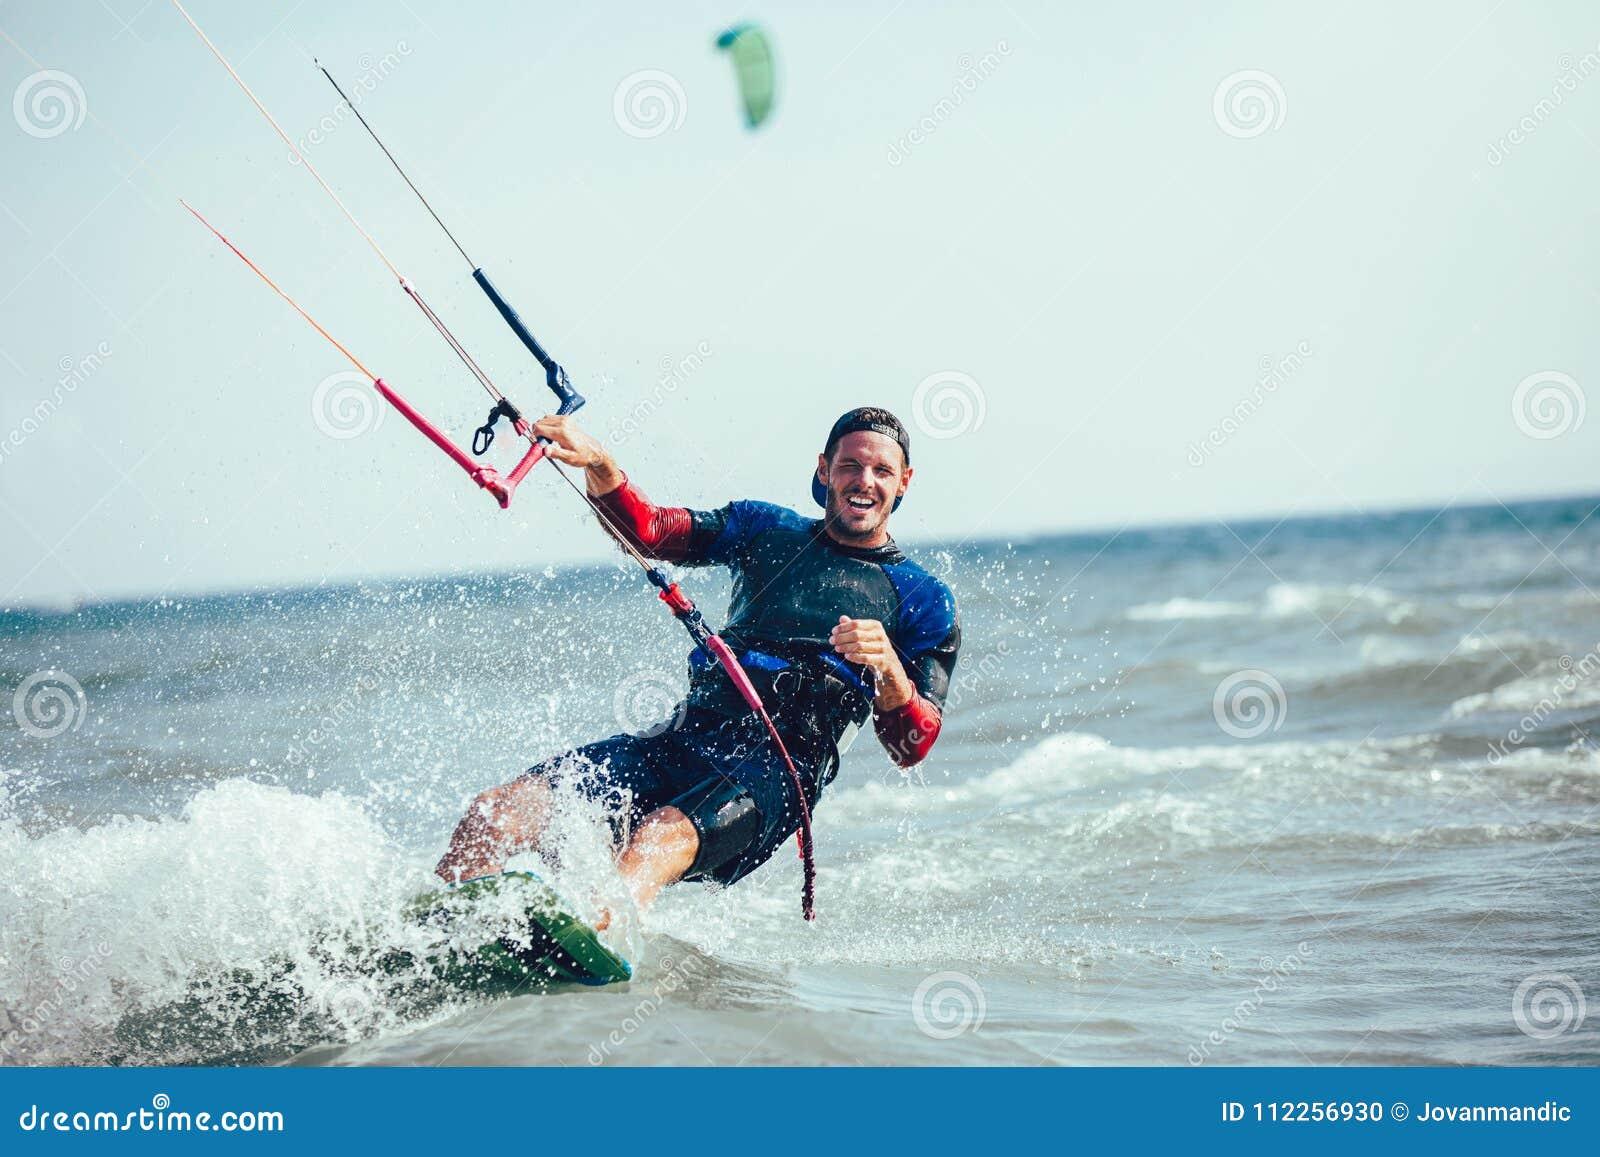 Kitesurfing Kiteboarding action photos man among waves